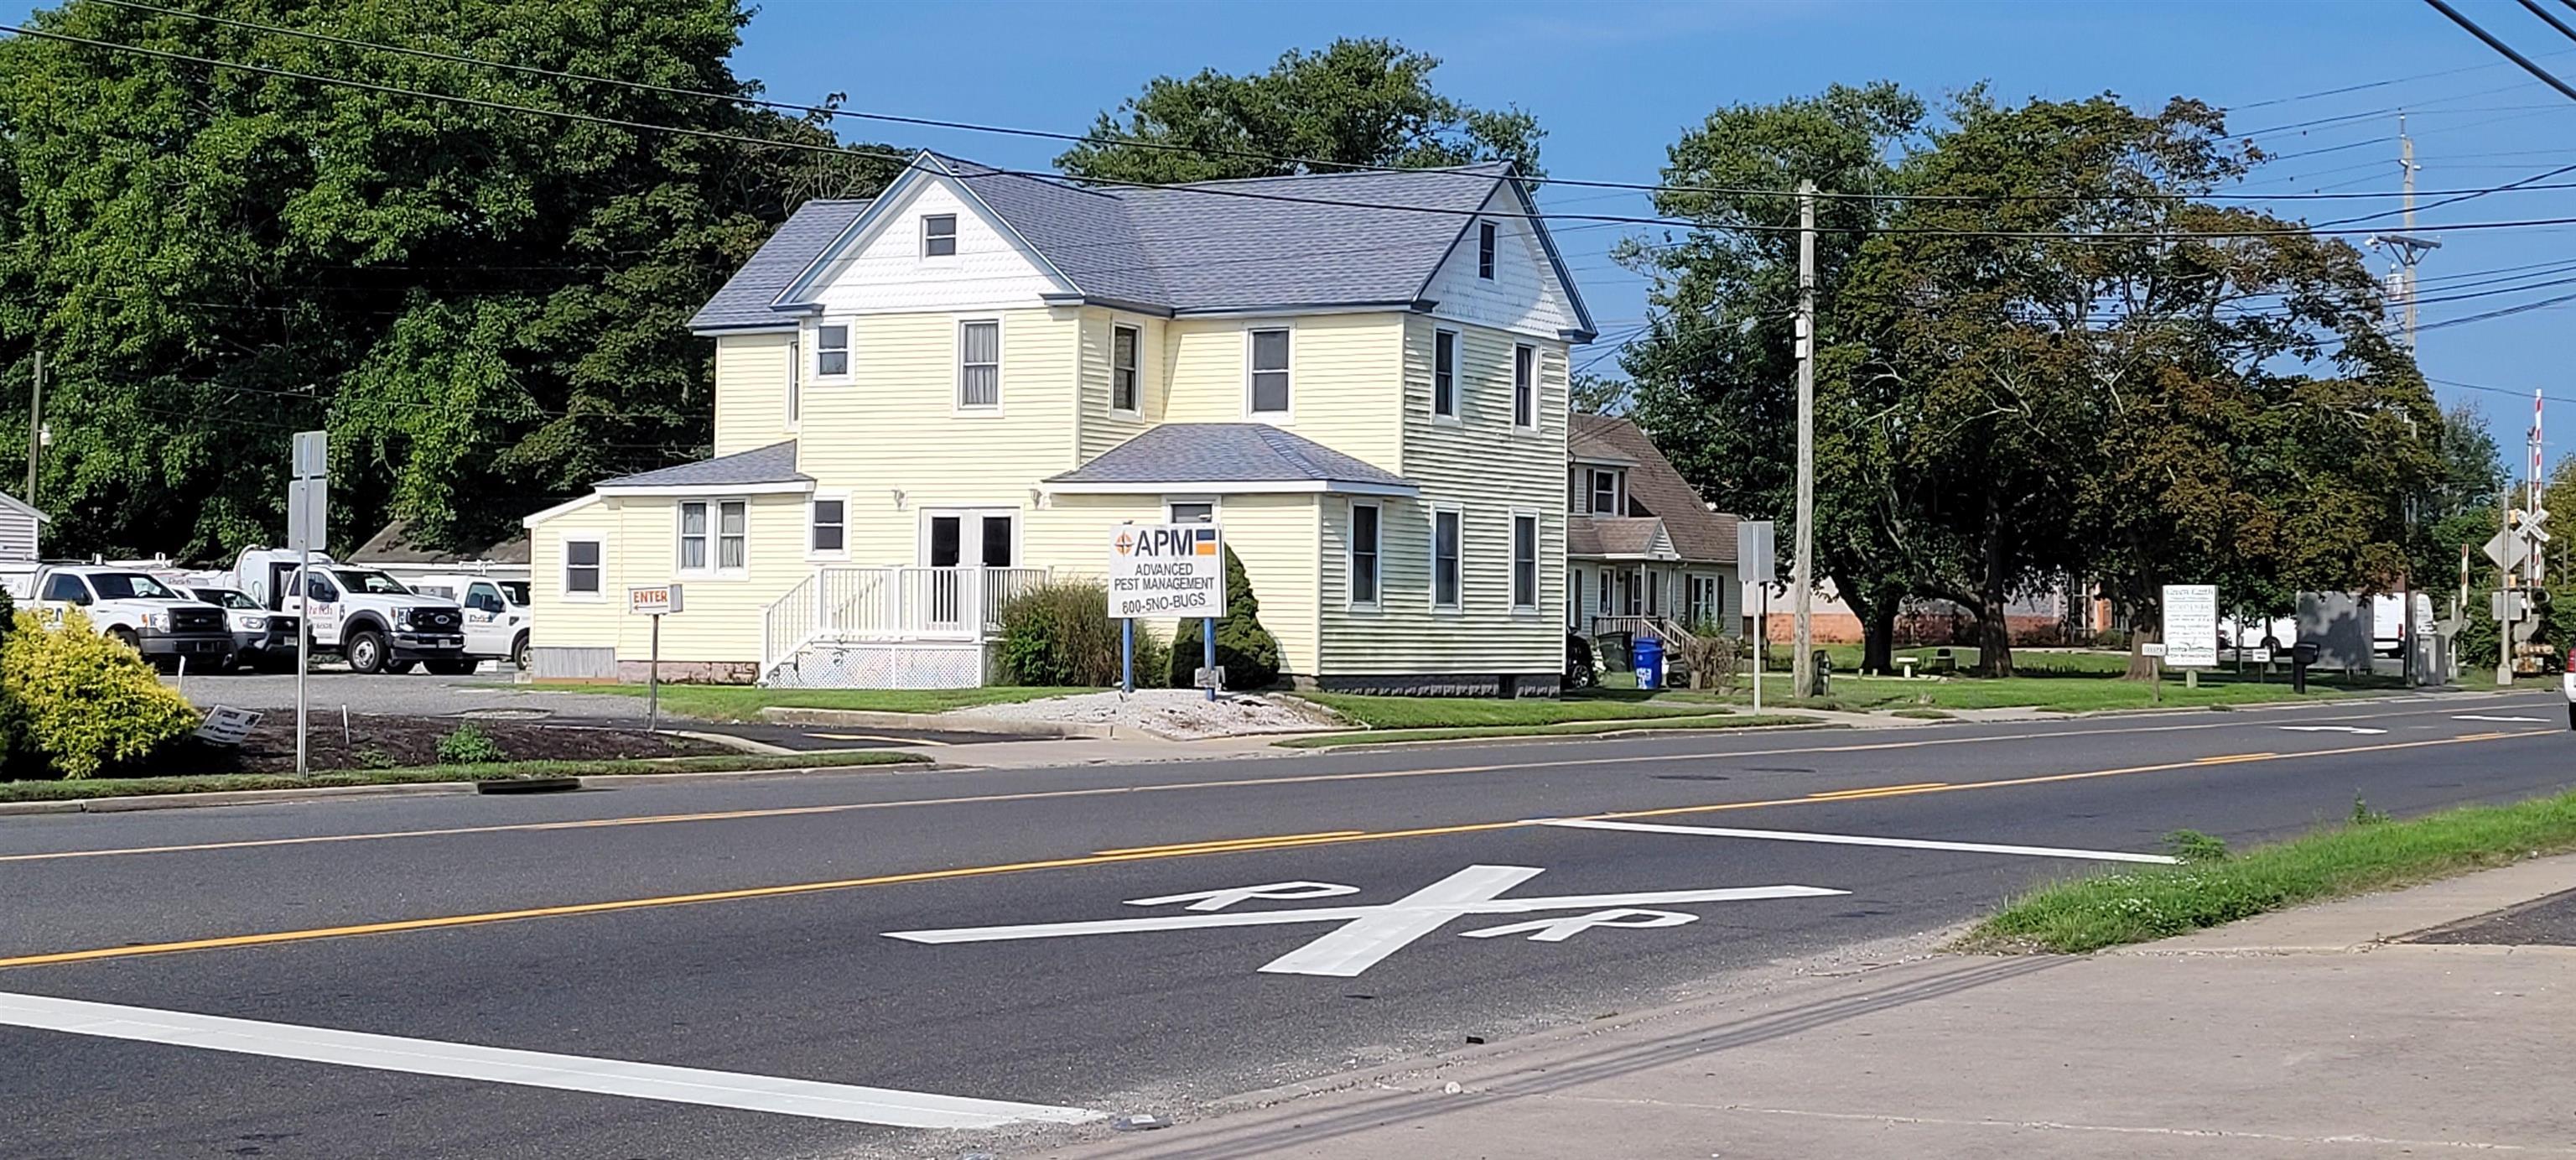 1119 Route 47 S, Rio Grande, NJ 08242-1603